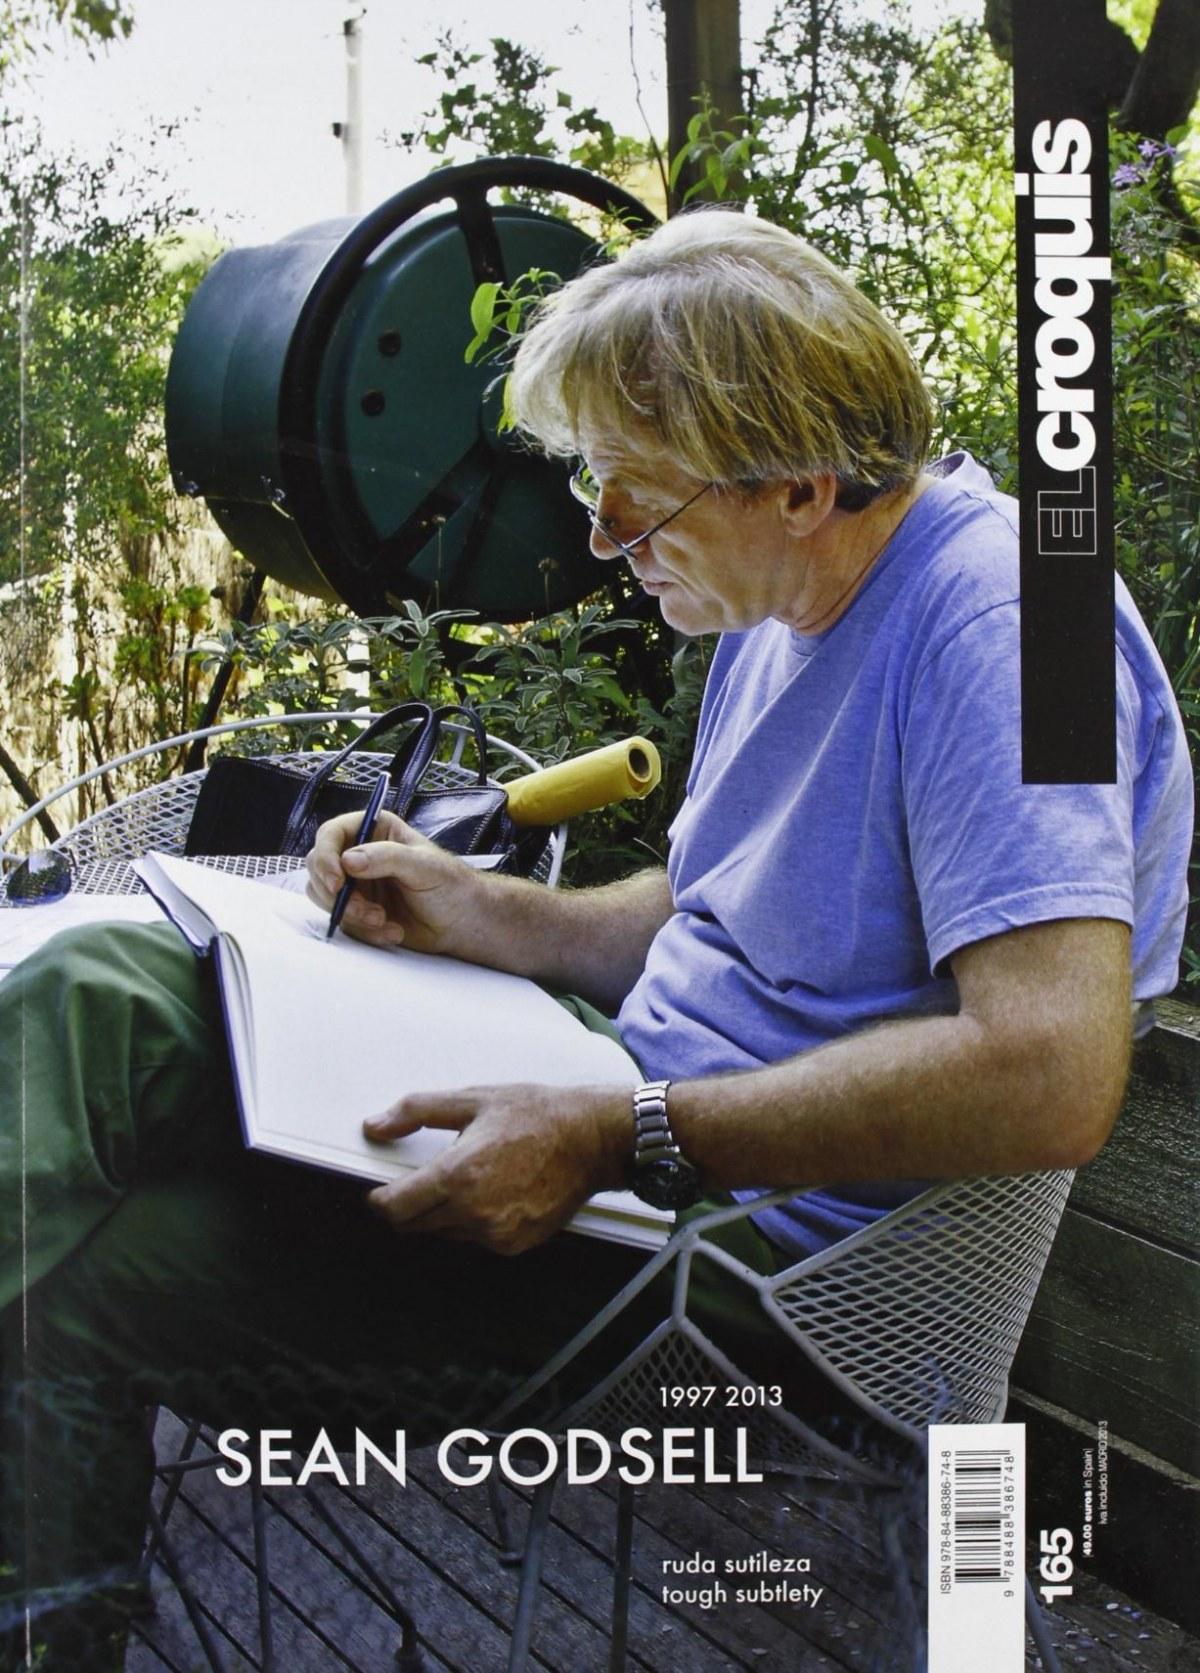 El Croquis nº165: Sean Godsell (1997-2003)